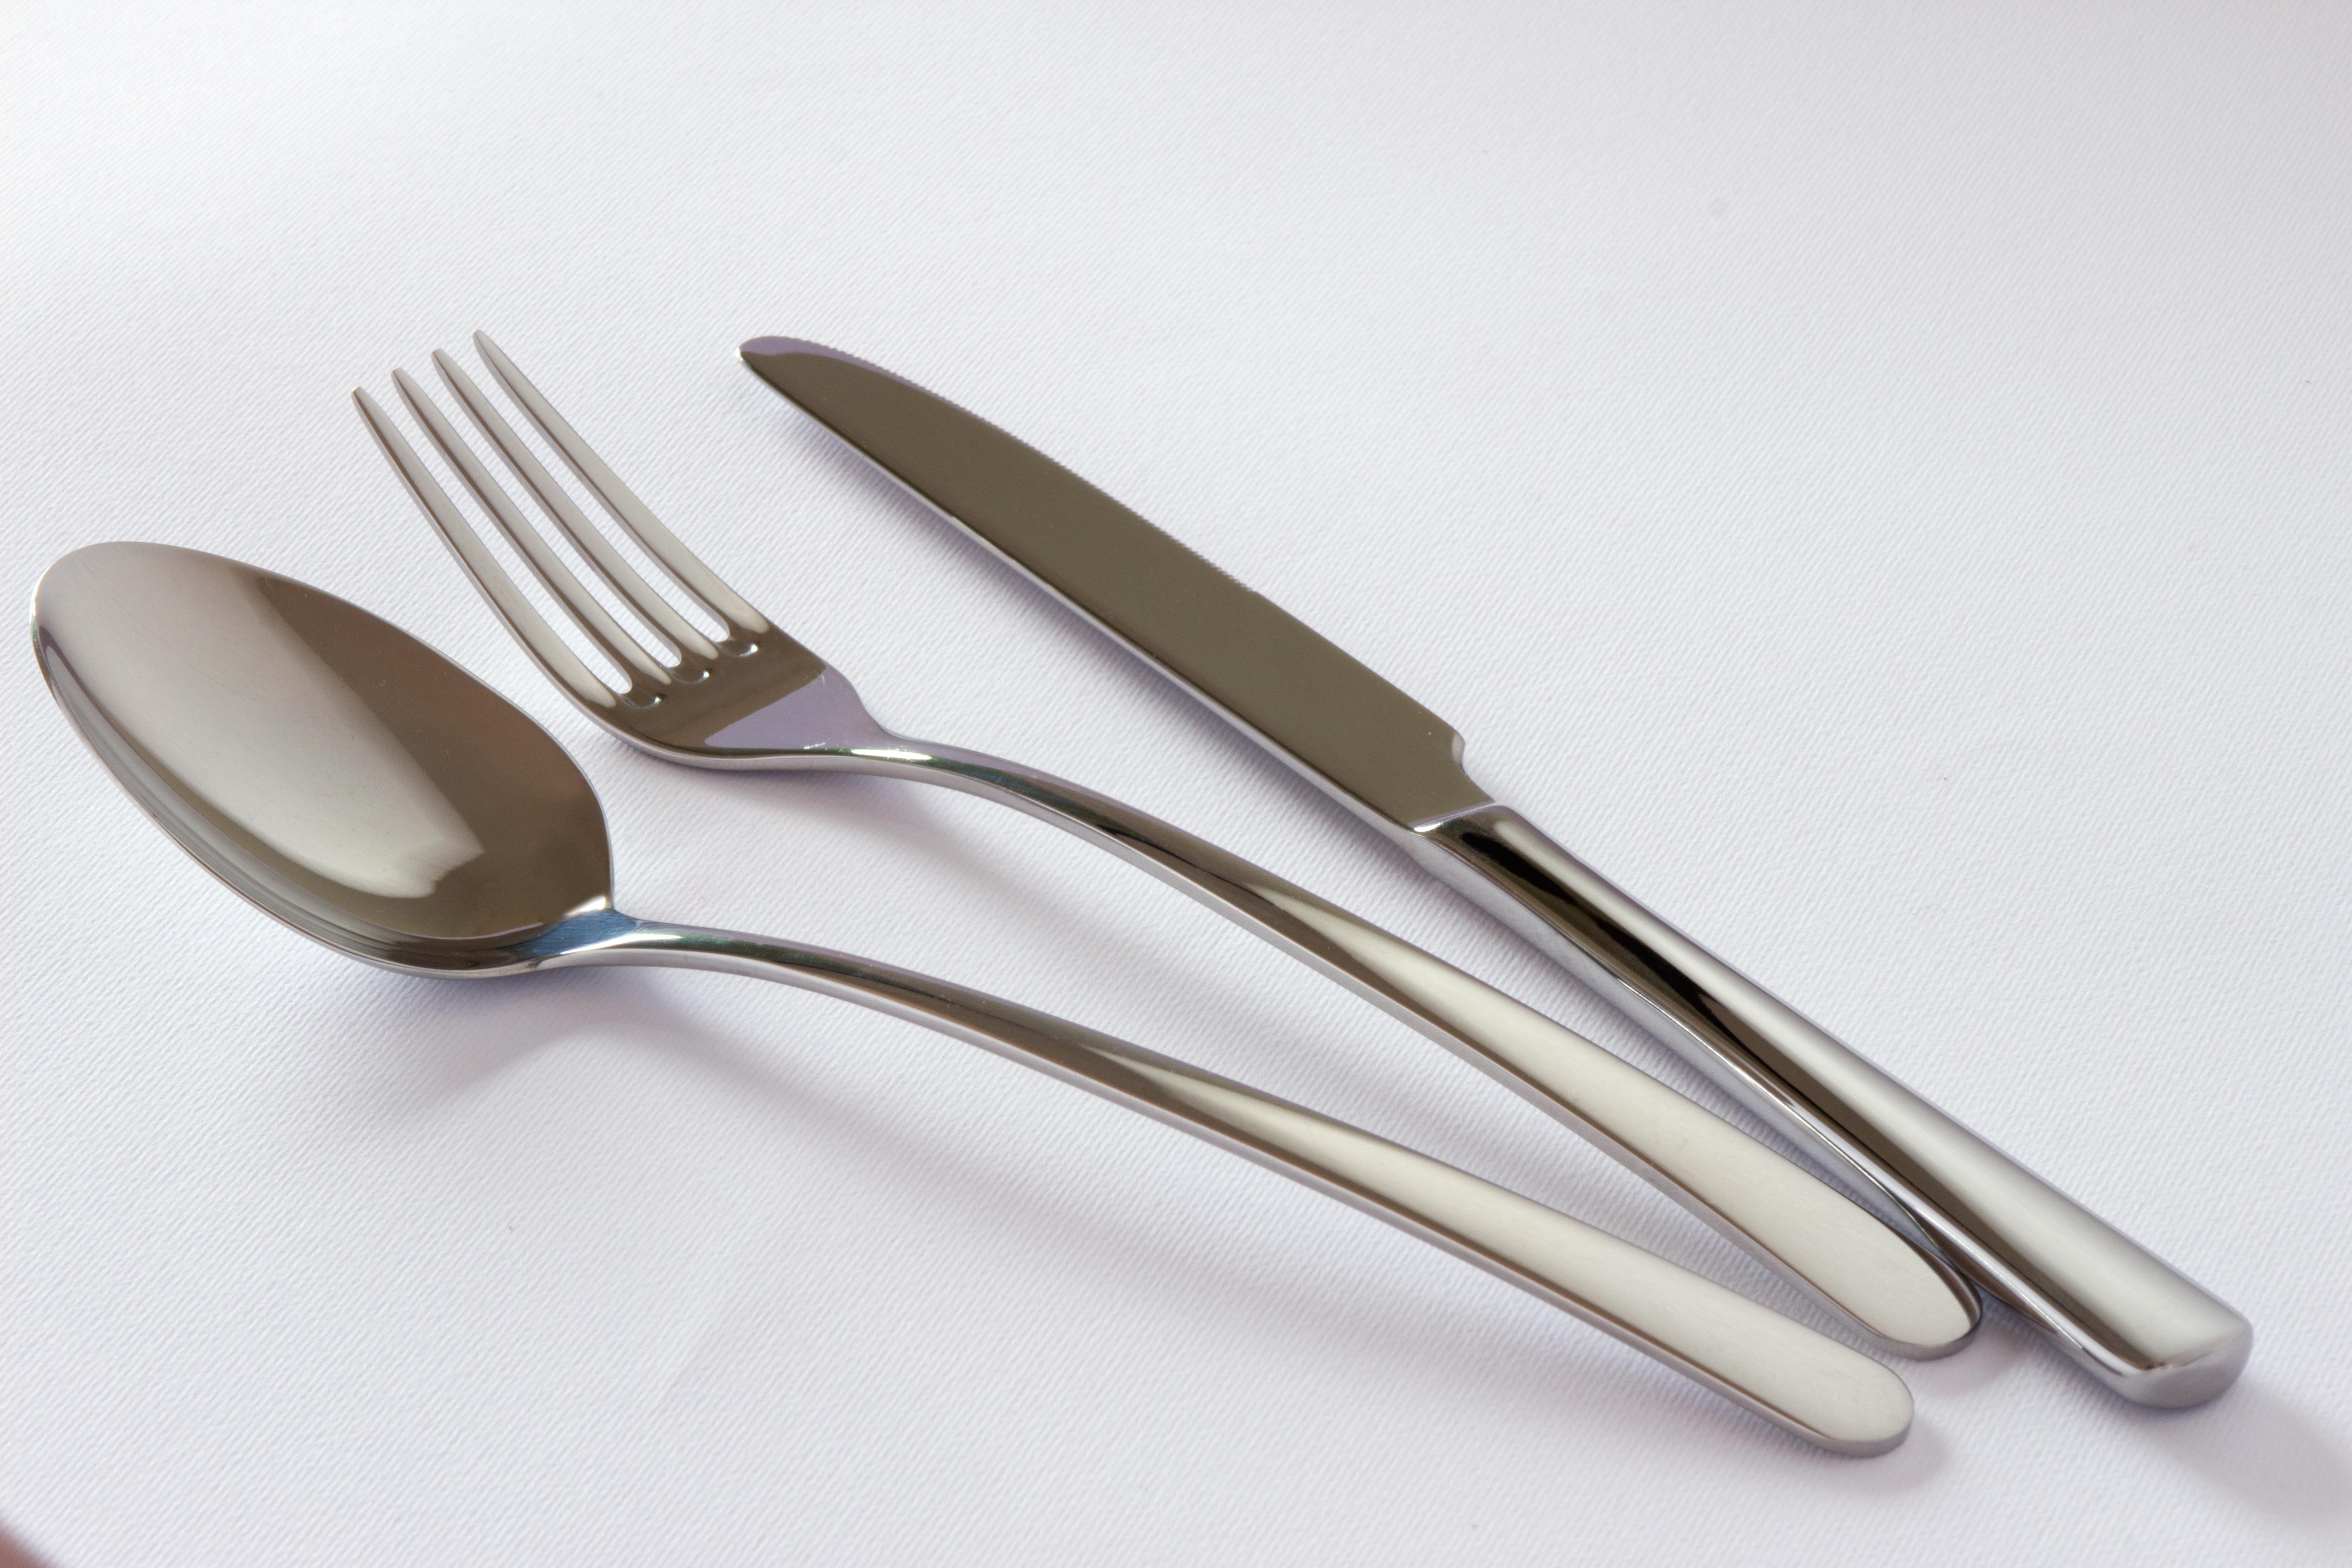 Enobox Experiencias te ofrece las mejores ideas para catering y eventos gastronómicos con Enobox Experiencias